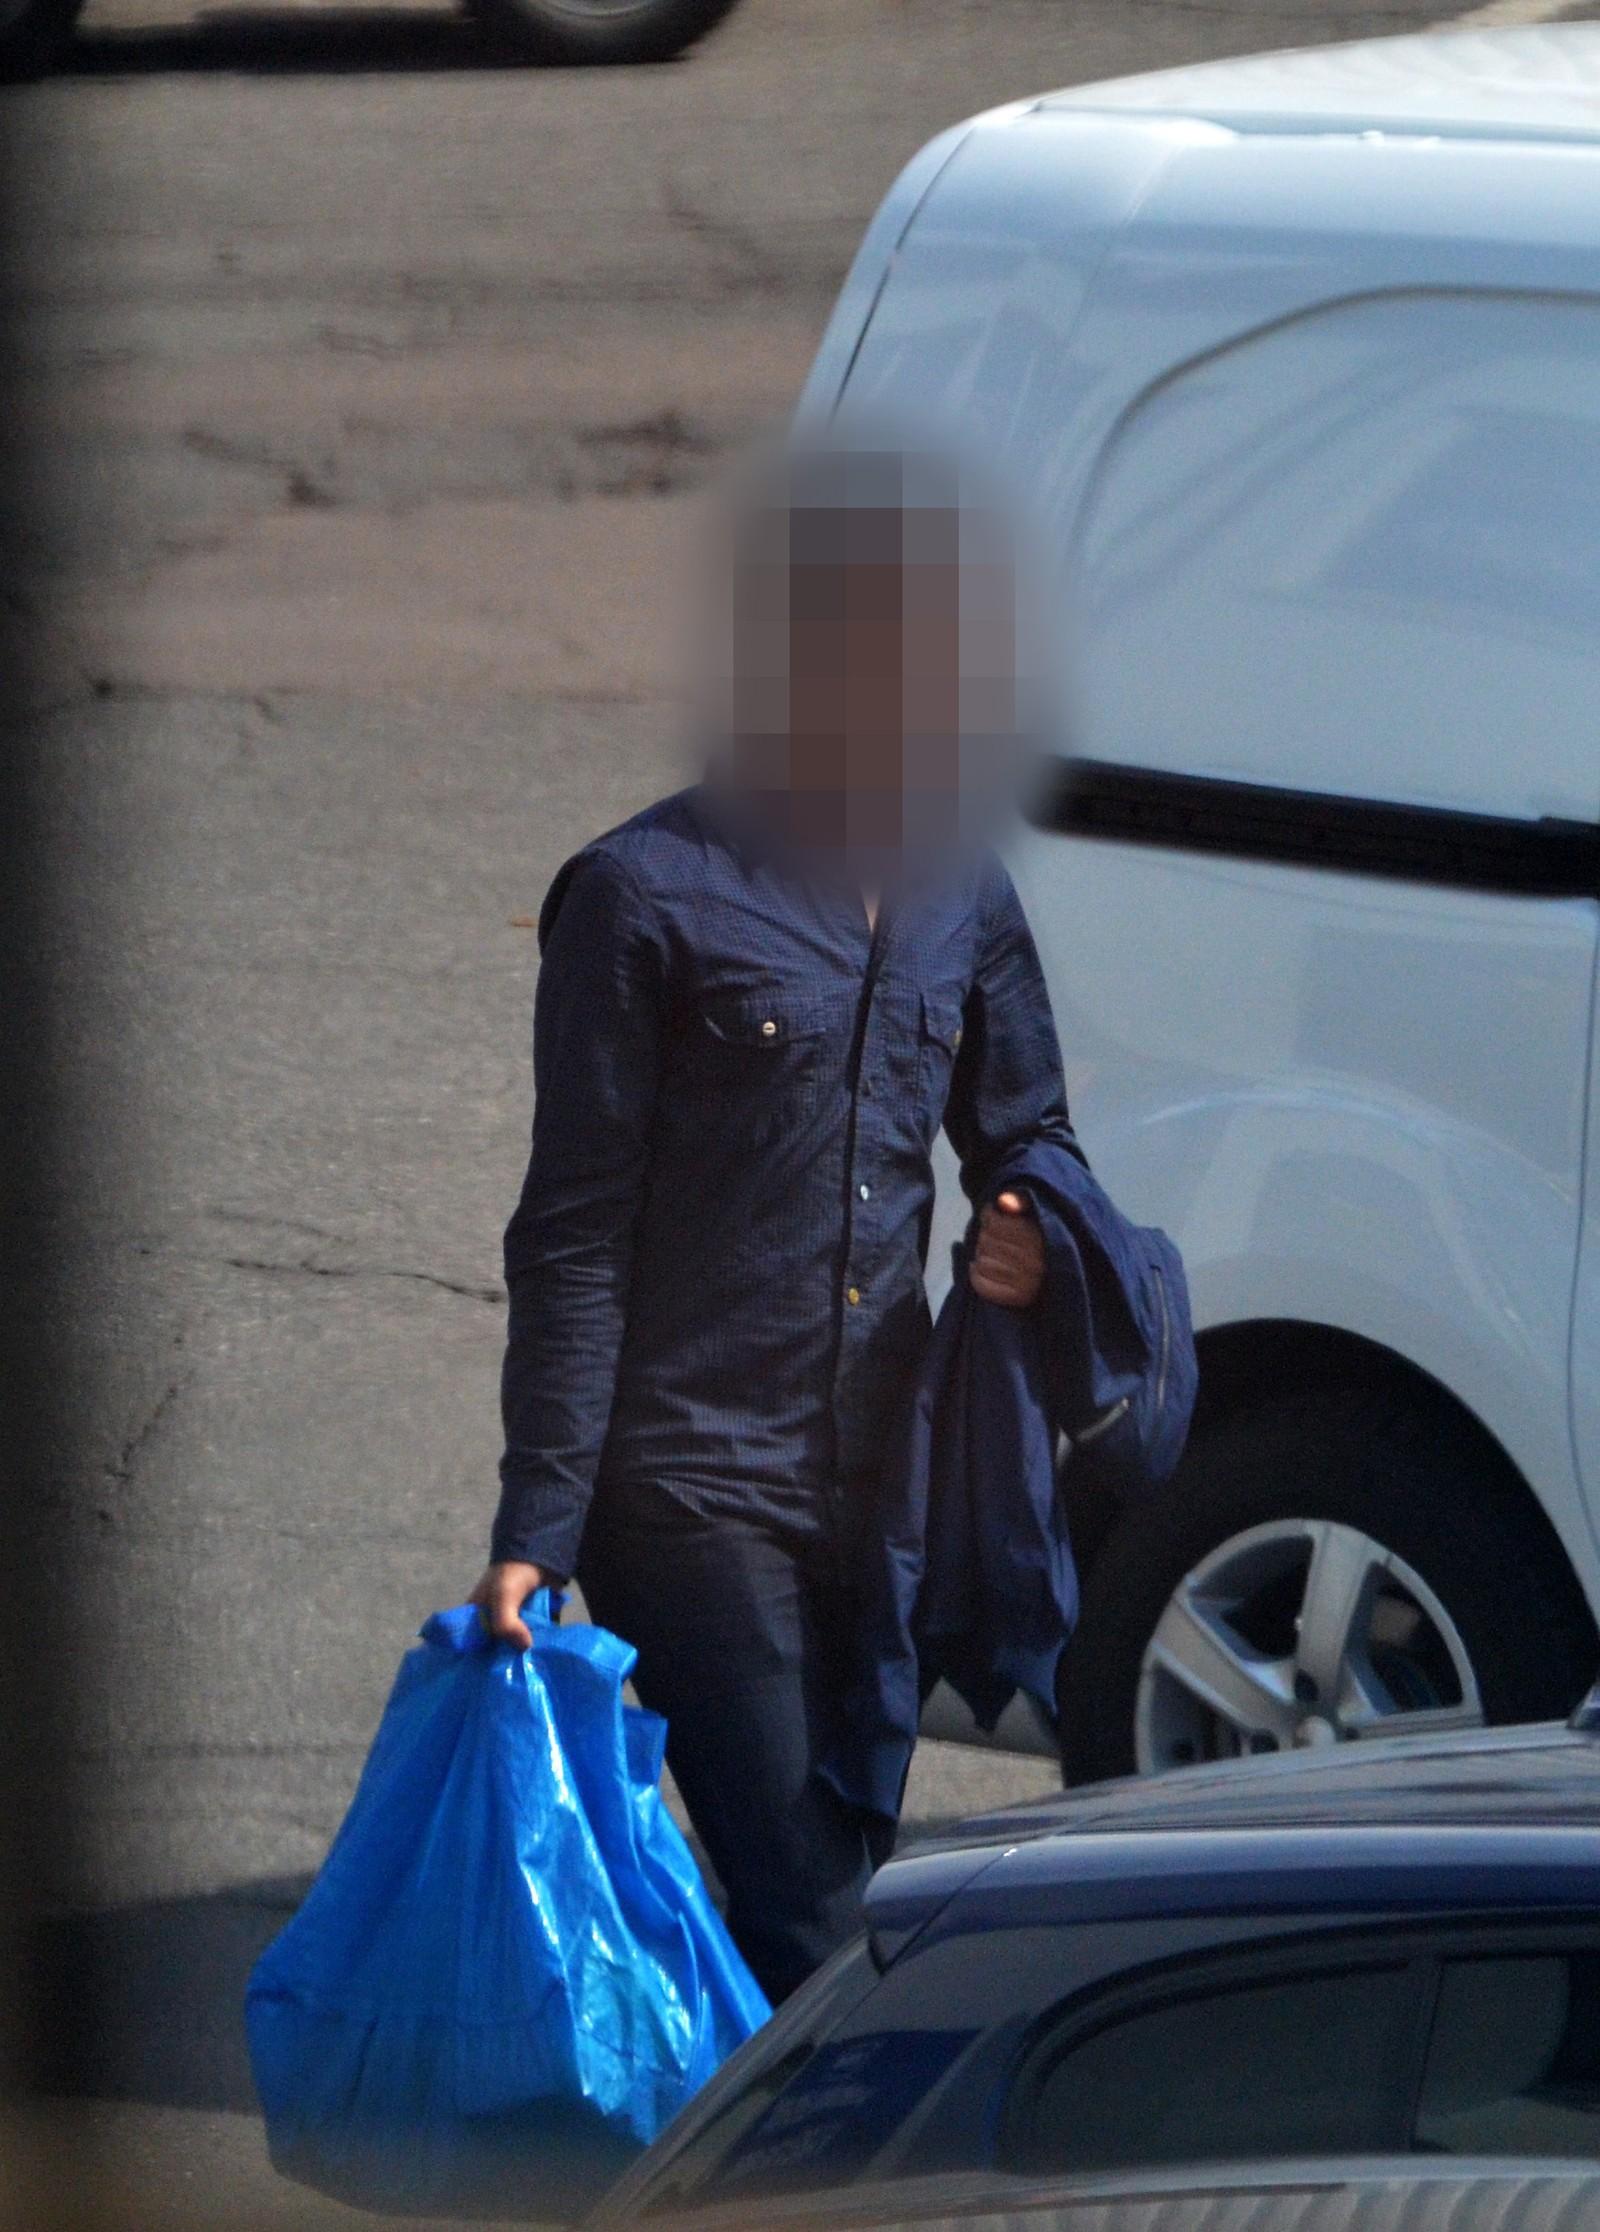 Her henter en 26 år gammel mann 10 kg hasj som har blitt kjørt ut fra hasj-containeren ved Lillestrøm. Overleveringen skjedde på en parkeringsplass med mye annen aktivitet sentralt i Oslo midt på dagen.